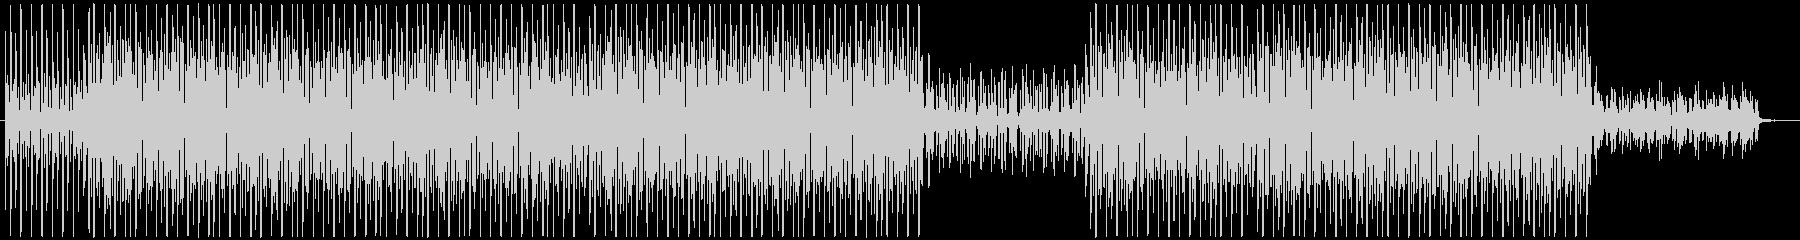 洋楽、ディスコ、ファンク、ヒップホップ♫の未再生の波形